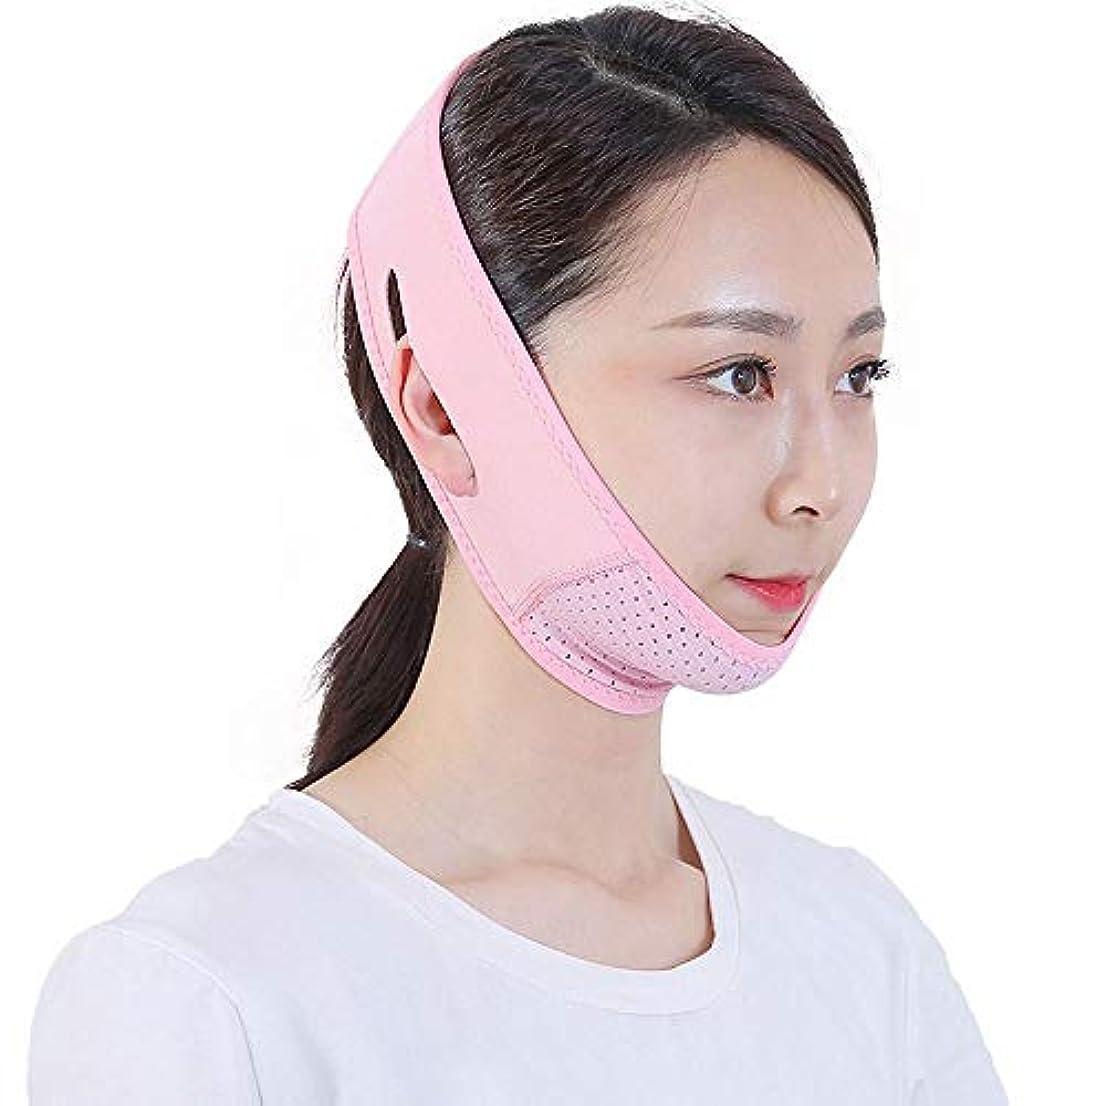 滑りやすい見捨てるライフルHEMFV 顔のリフティングスリミングベルト、Vラインチンチークリフトアップバンドの女性のための、二重あごケア減量Vフェイスアンチリンクル包帯補正ベルト - レッド通気性